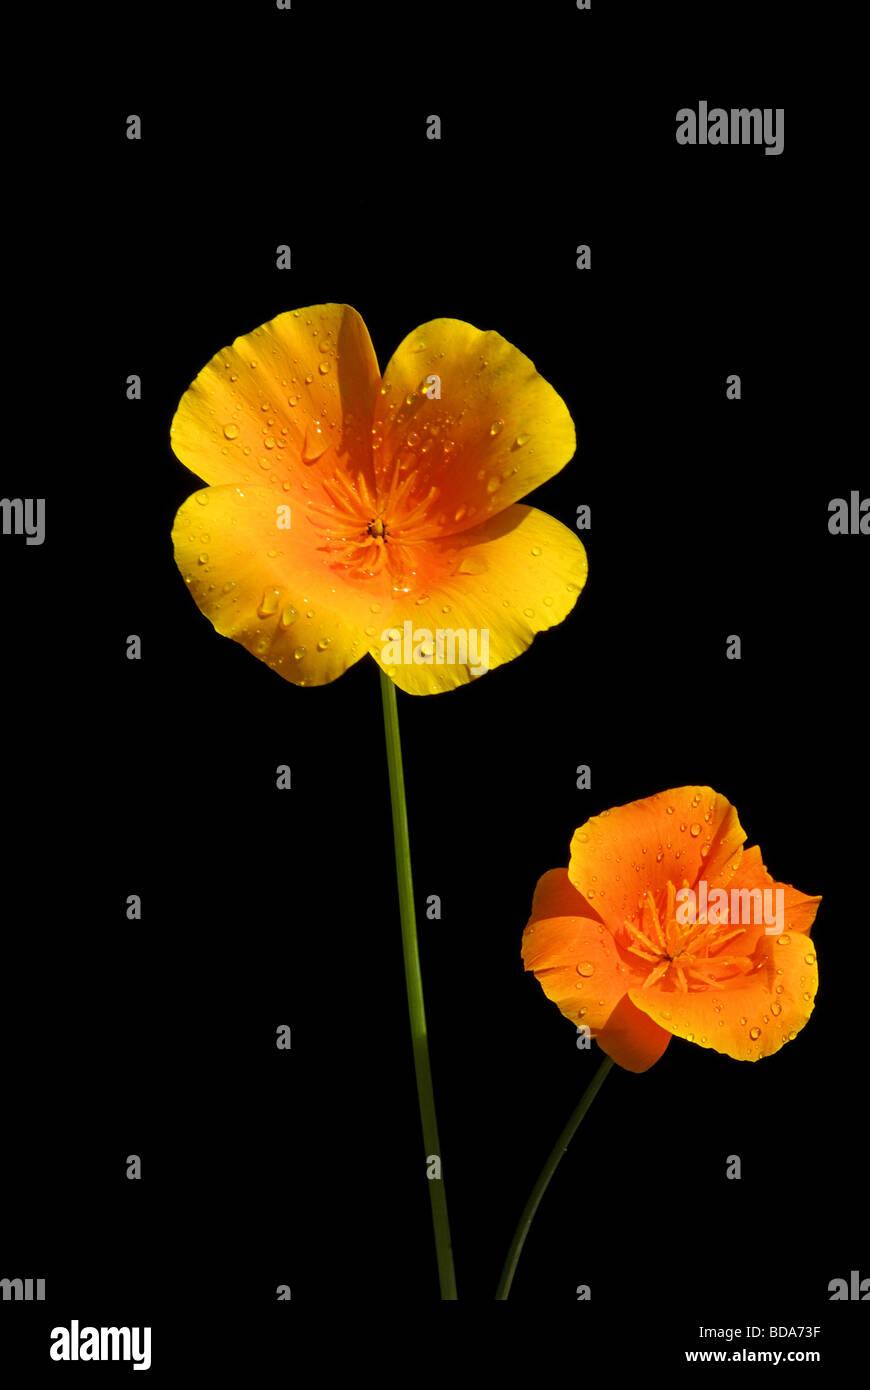 Kalifornischer Mohn California poppy 06 - Stock Image